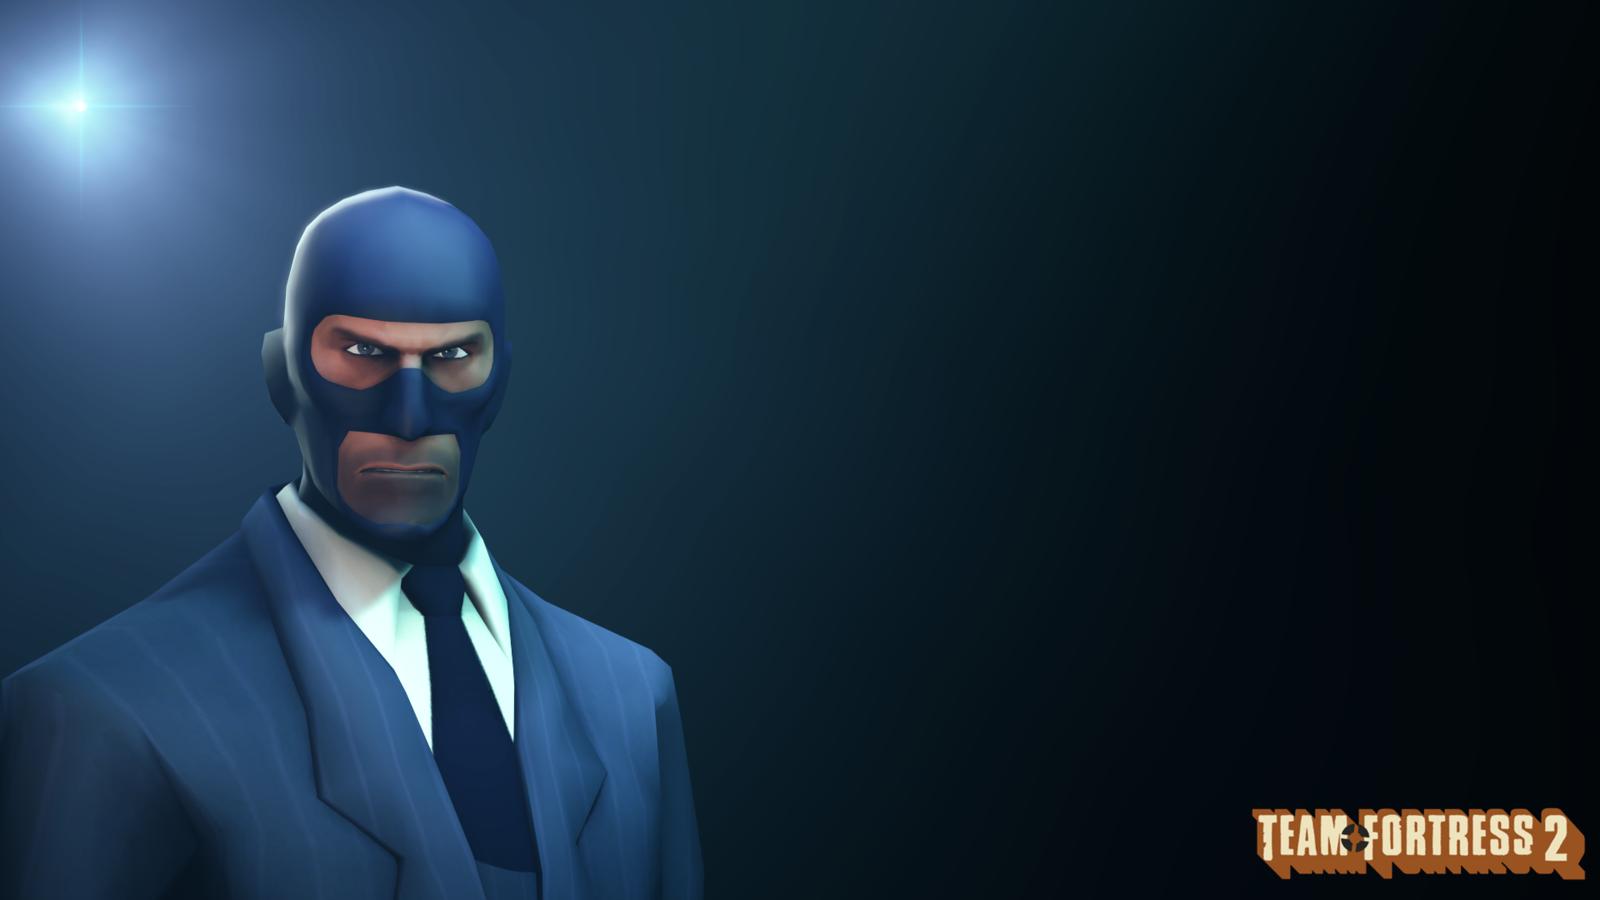 wallpaper blu spy by datdrunkensoldier fan art wallpaper games 2013 1600x900